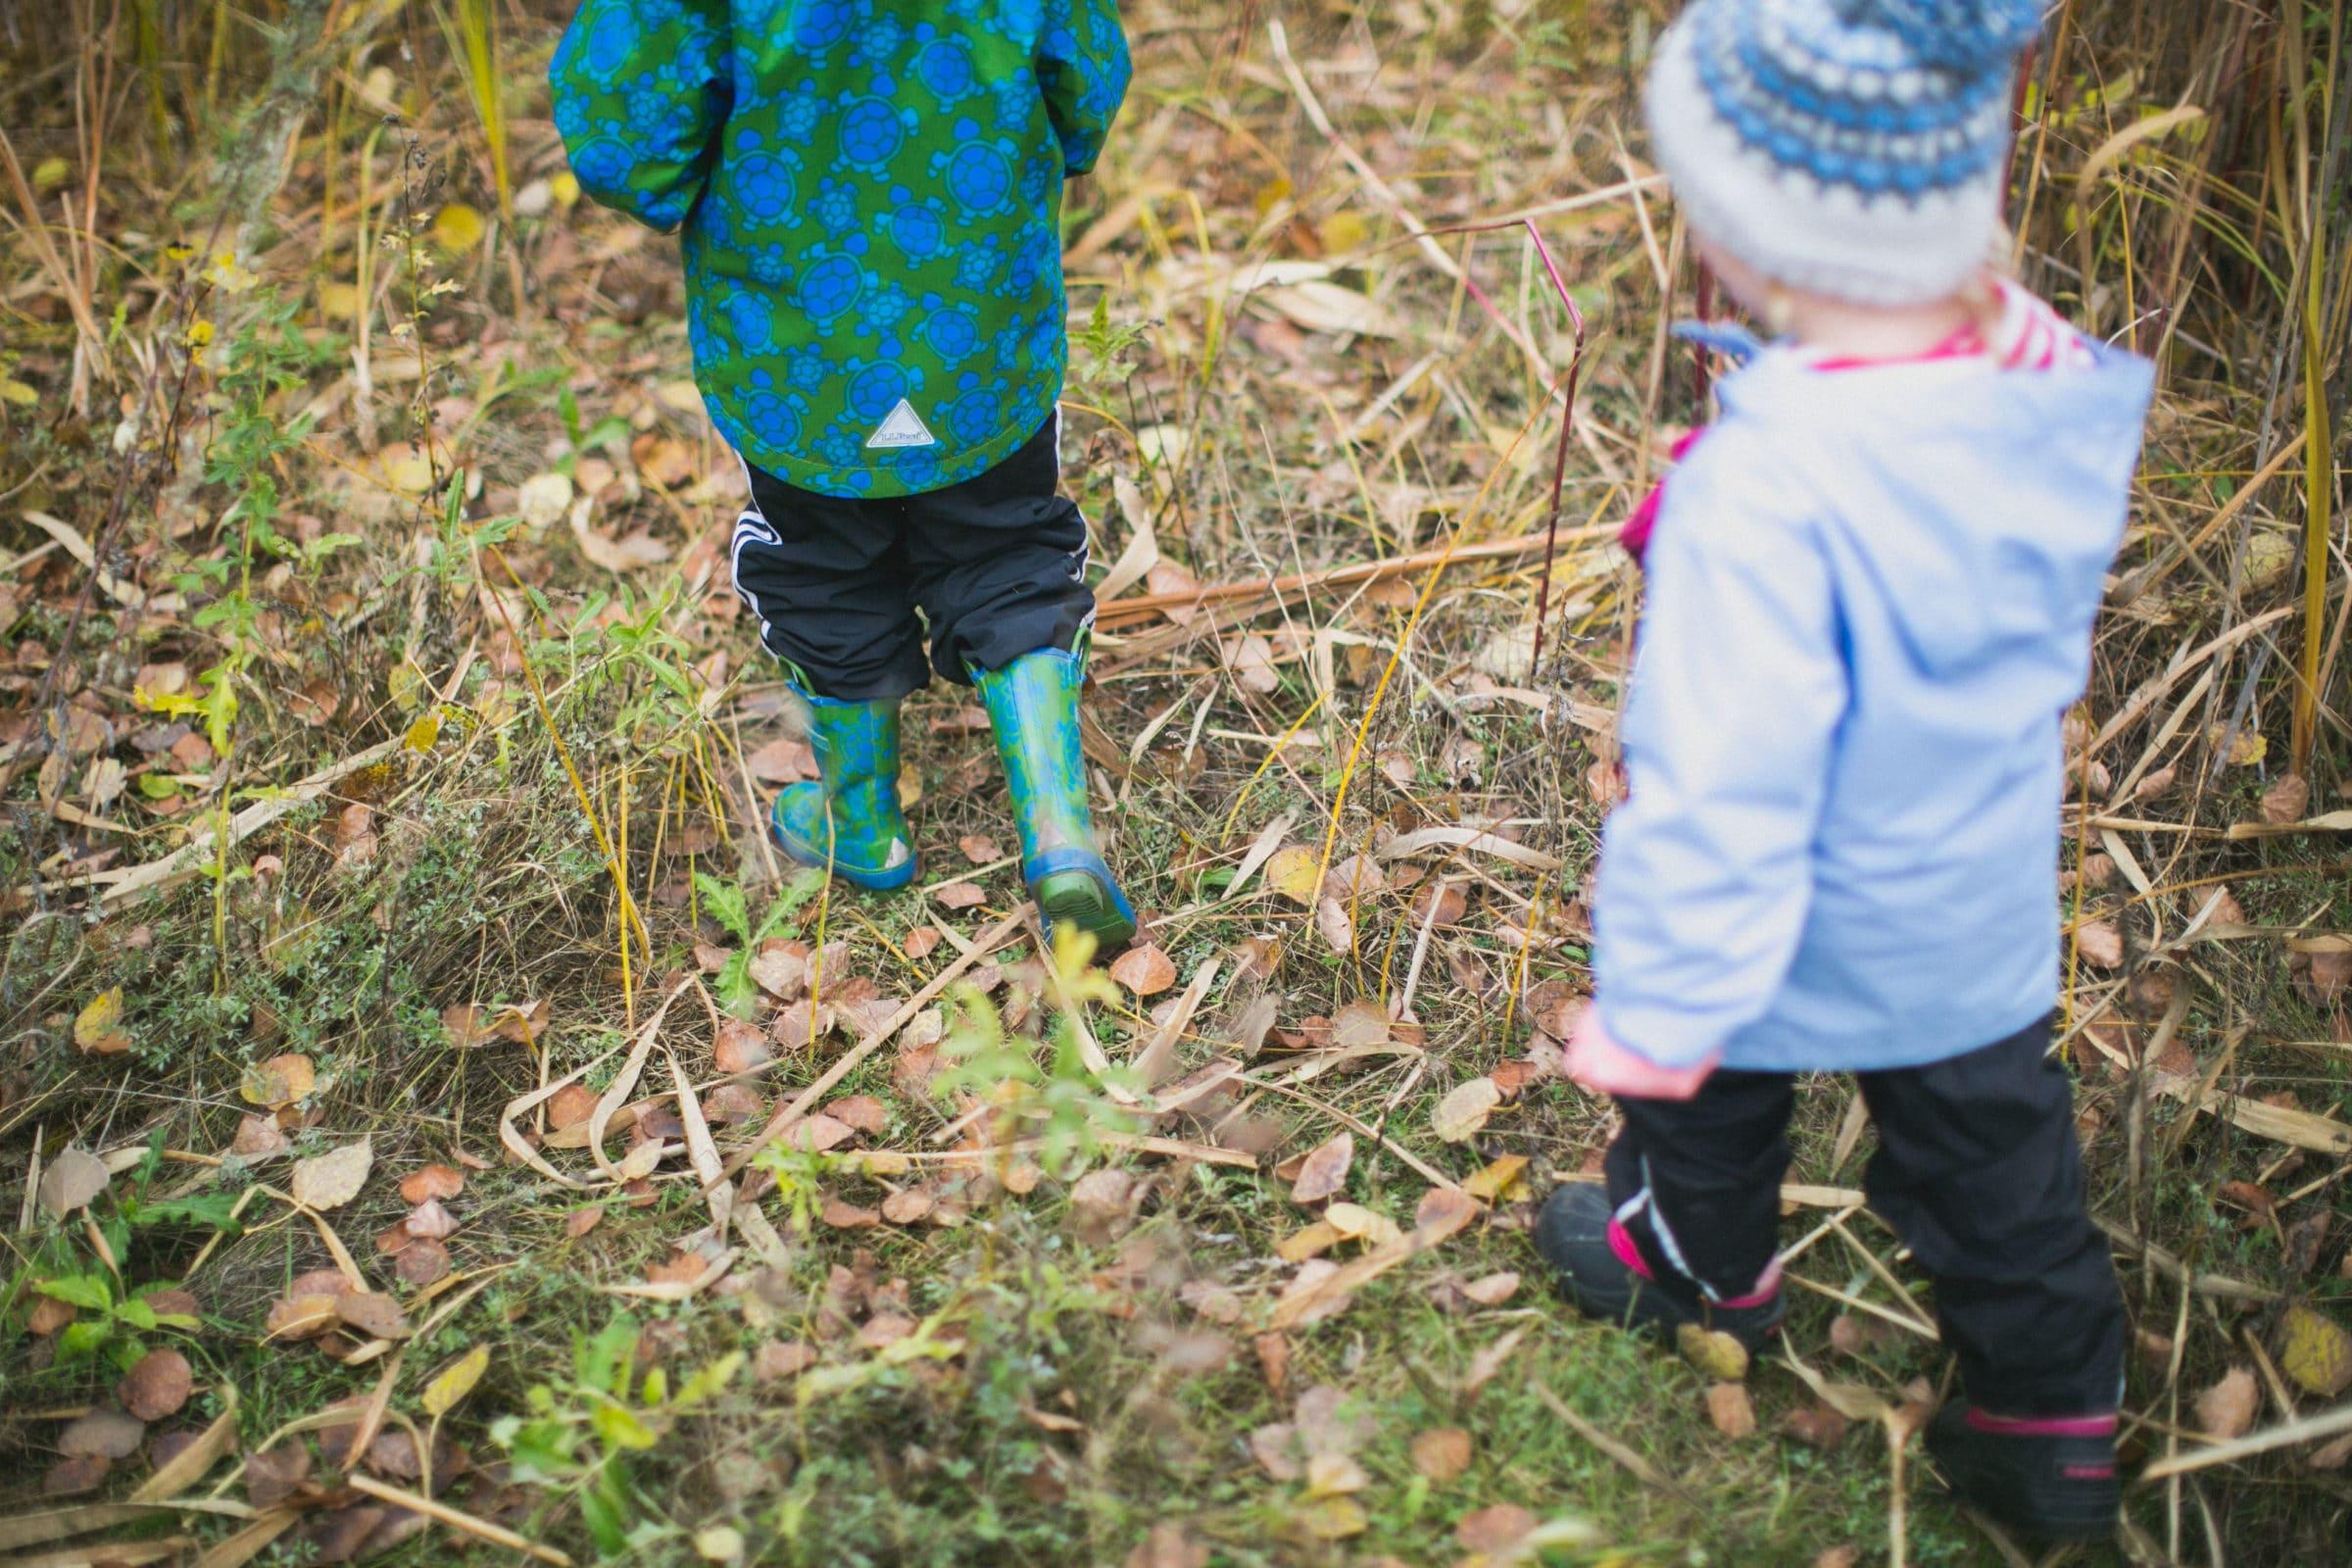 Children walking in rubber boots in autumn.